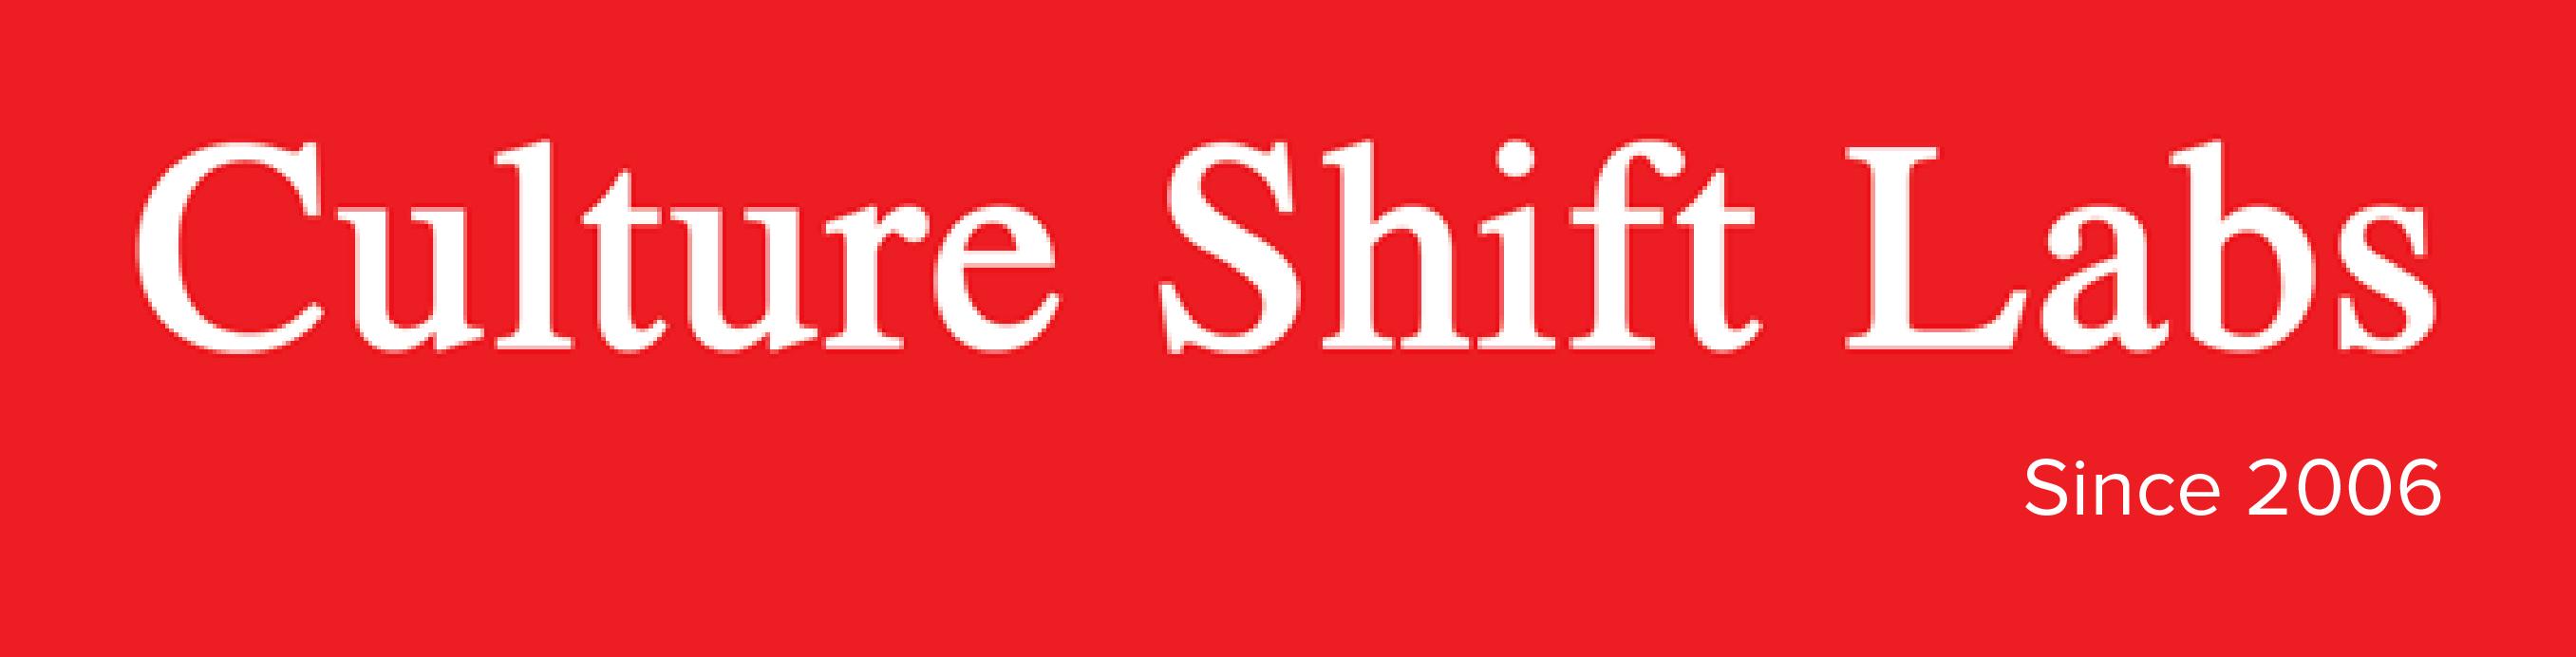 Culture Shift Labs LLC Logo